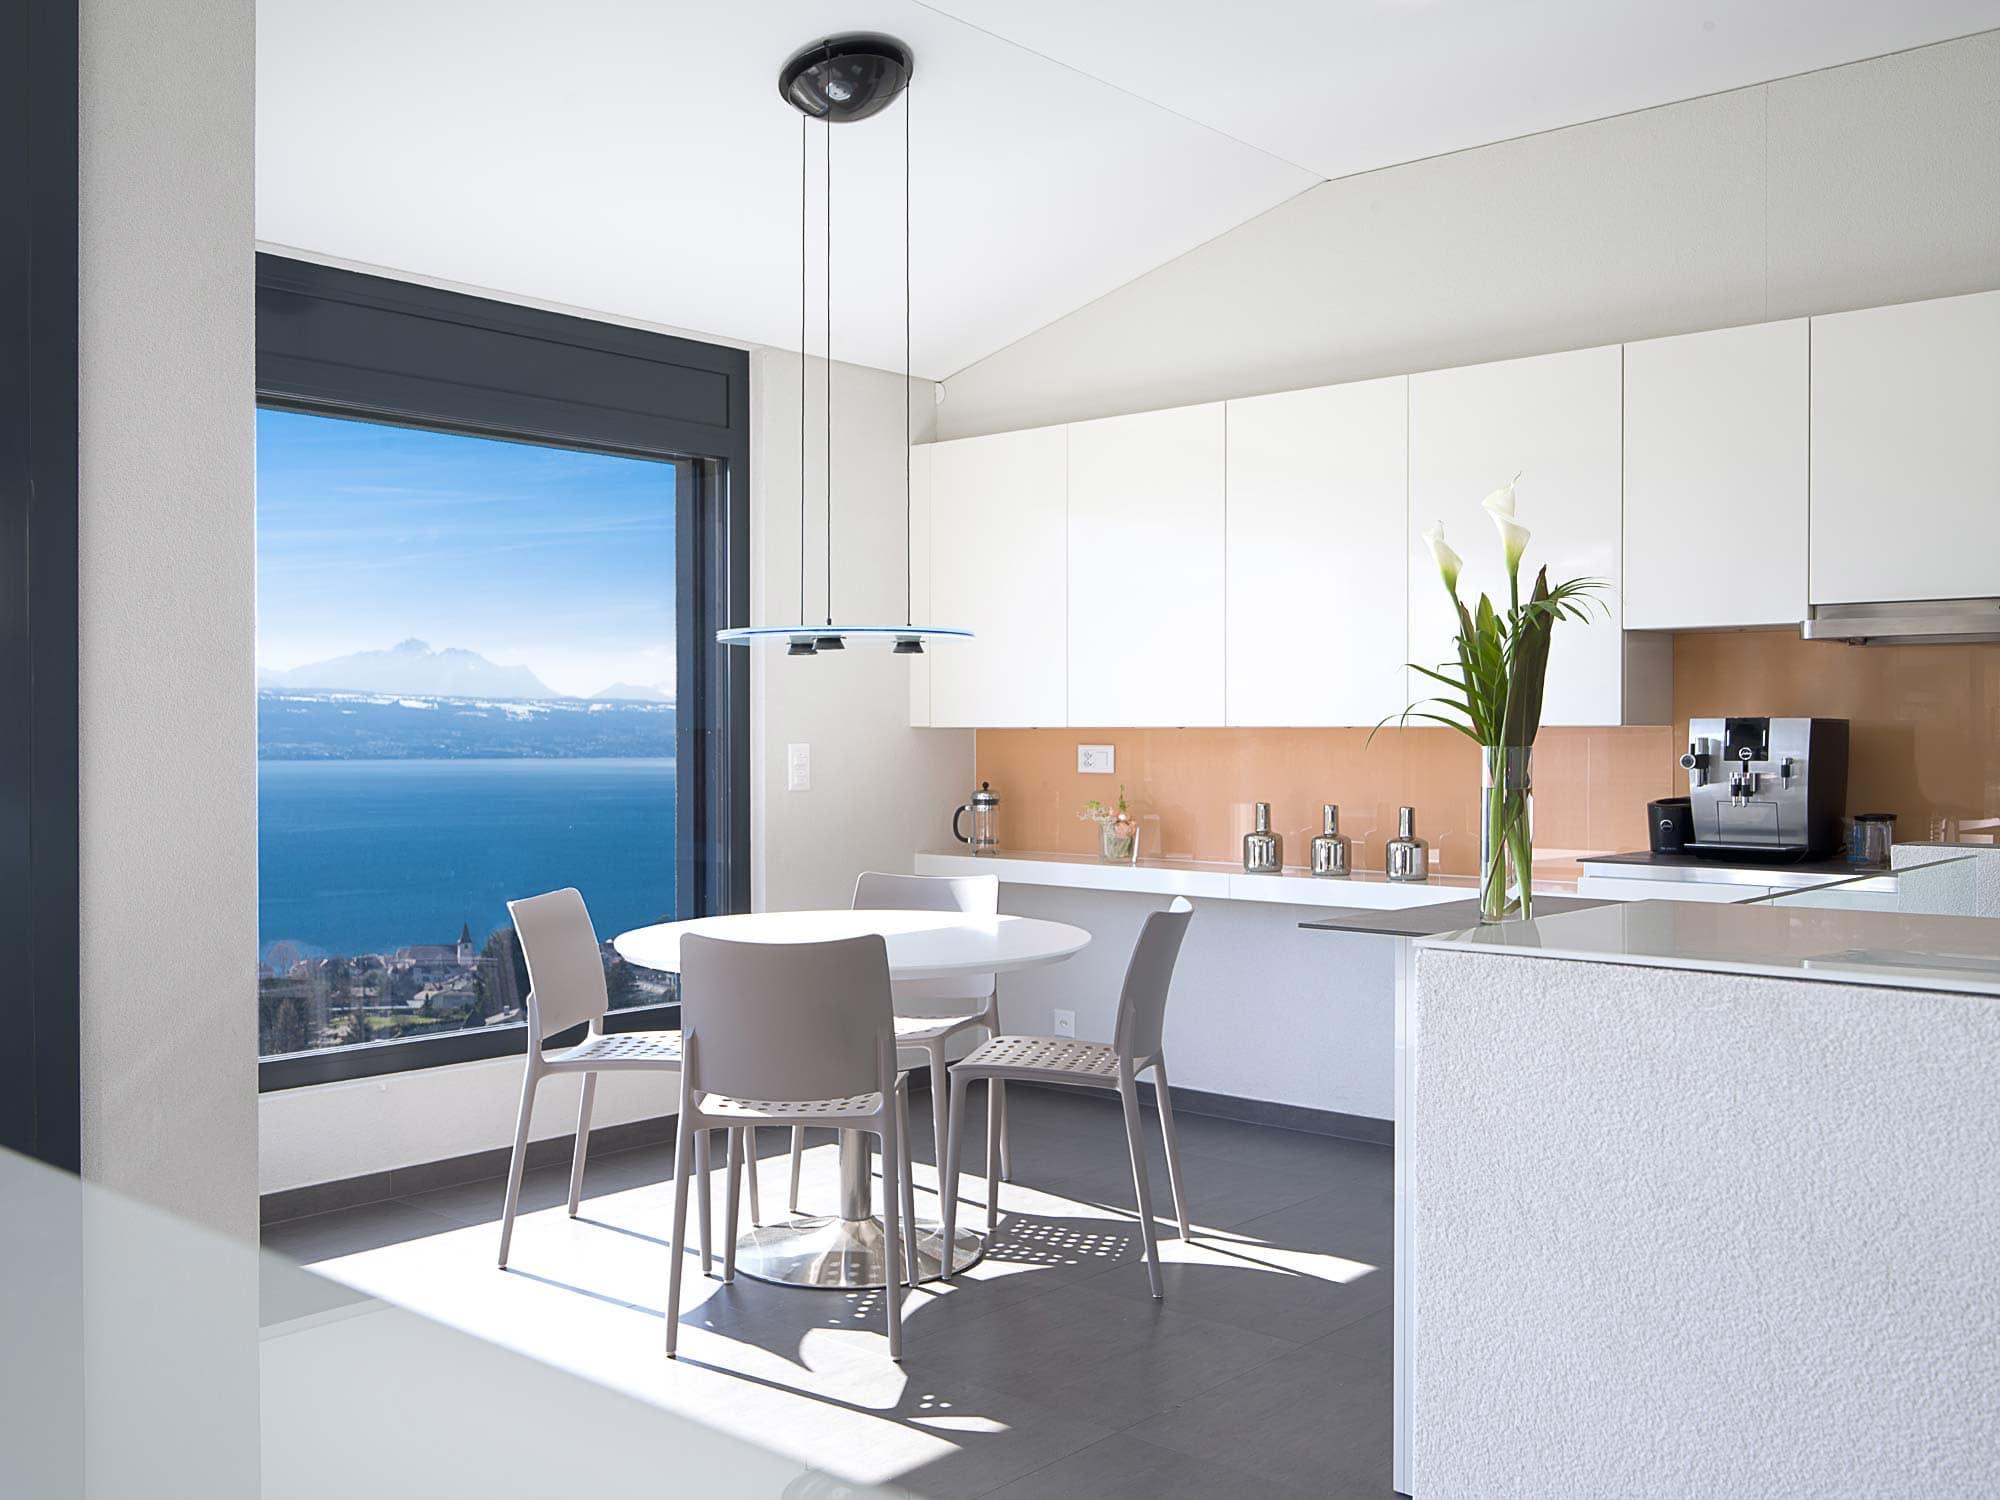 architecture de cuisine avec ouverture sur le lac